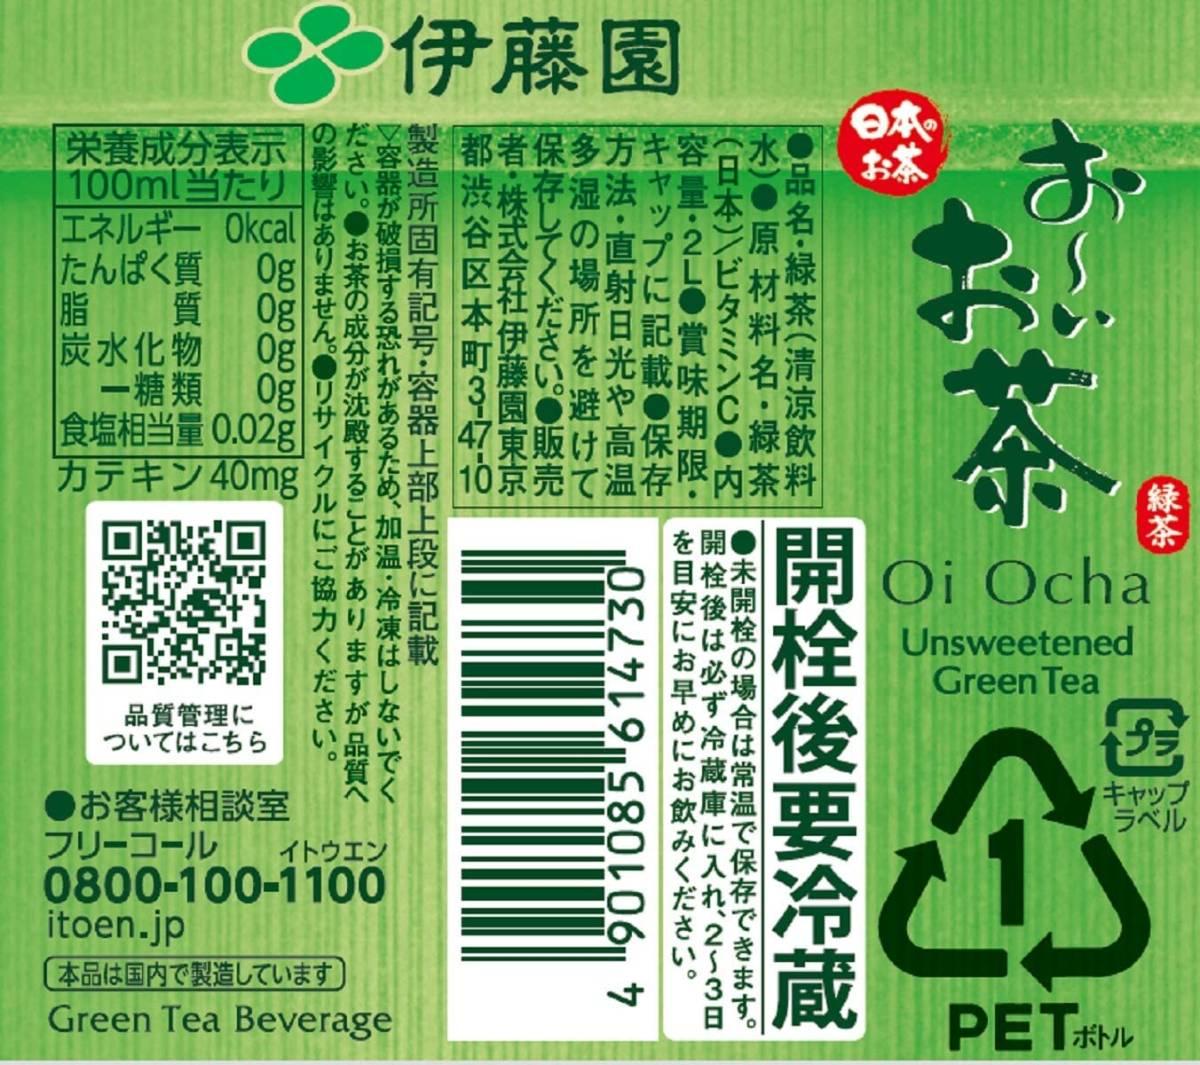 【即決】【送料無料】伊藤園 RROボックス おーいお茶 緑茶 2L×9本○717-72_画像2